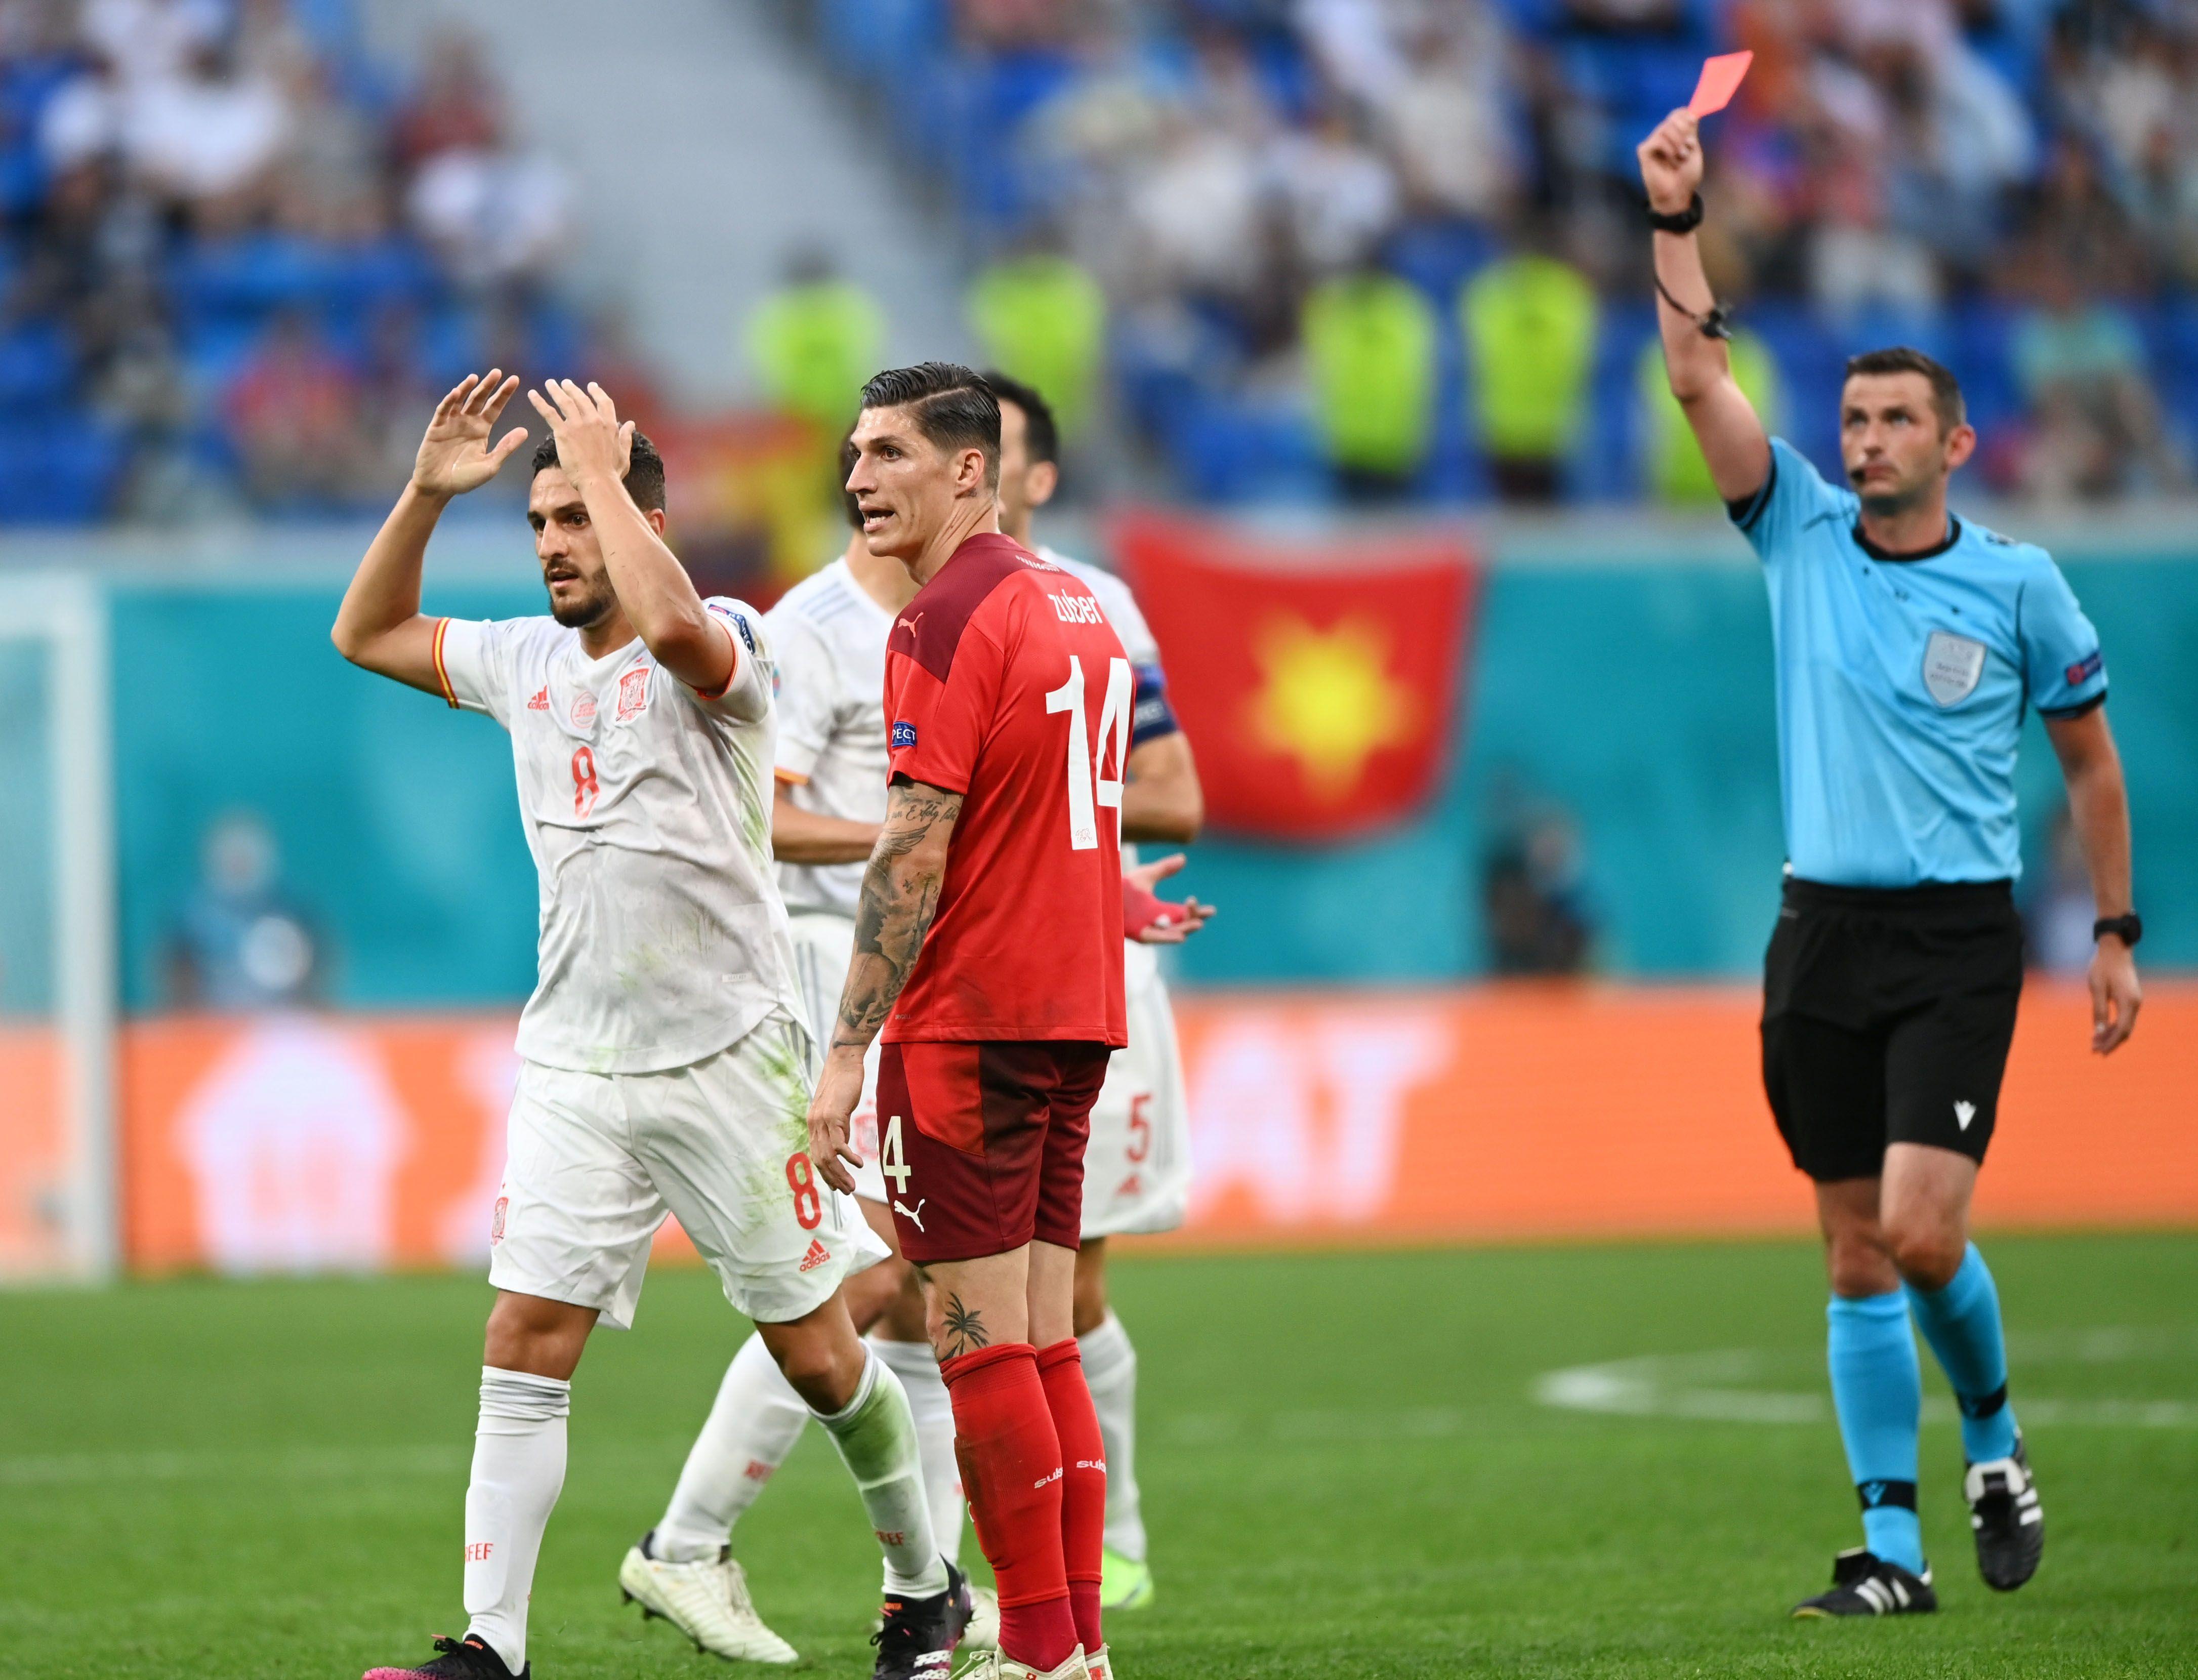 Suiza quedó condicionado por la expulsión de Remo Freuler pero logró llevar el partido hasta los penales (Foto: REUTERS)